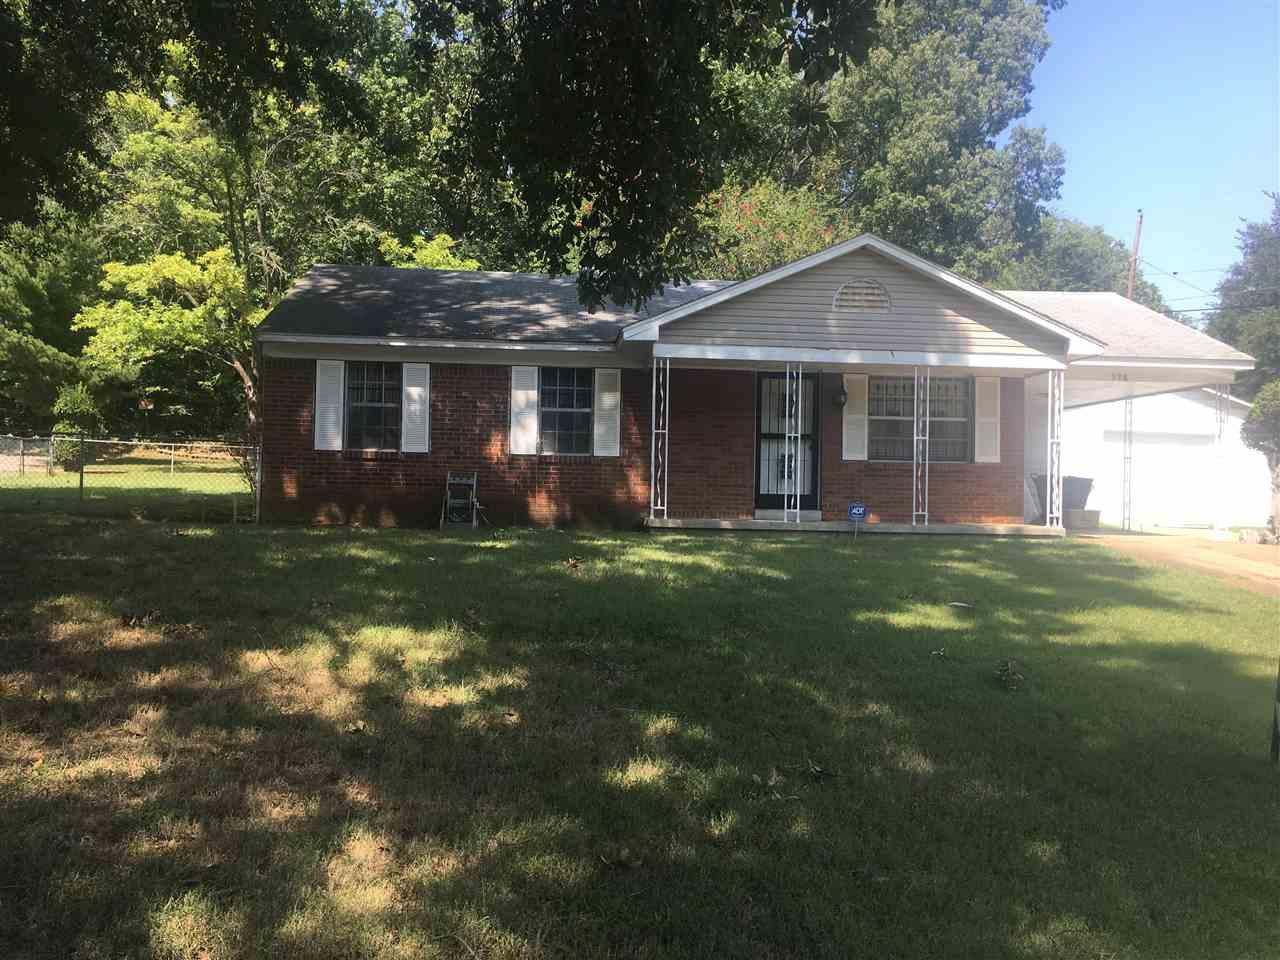 978 Leacrest, Memphis, TN 38109